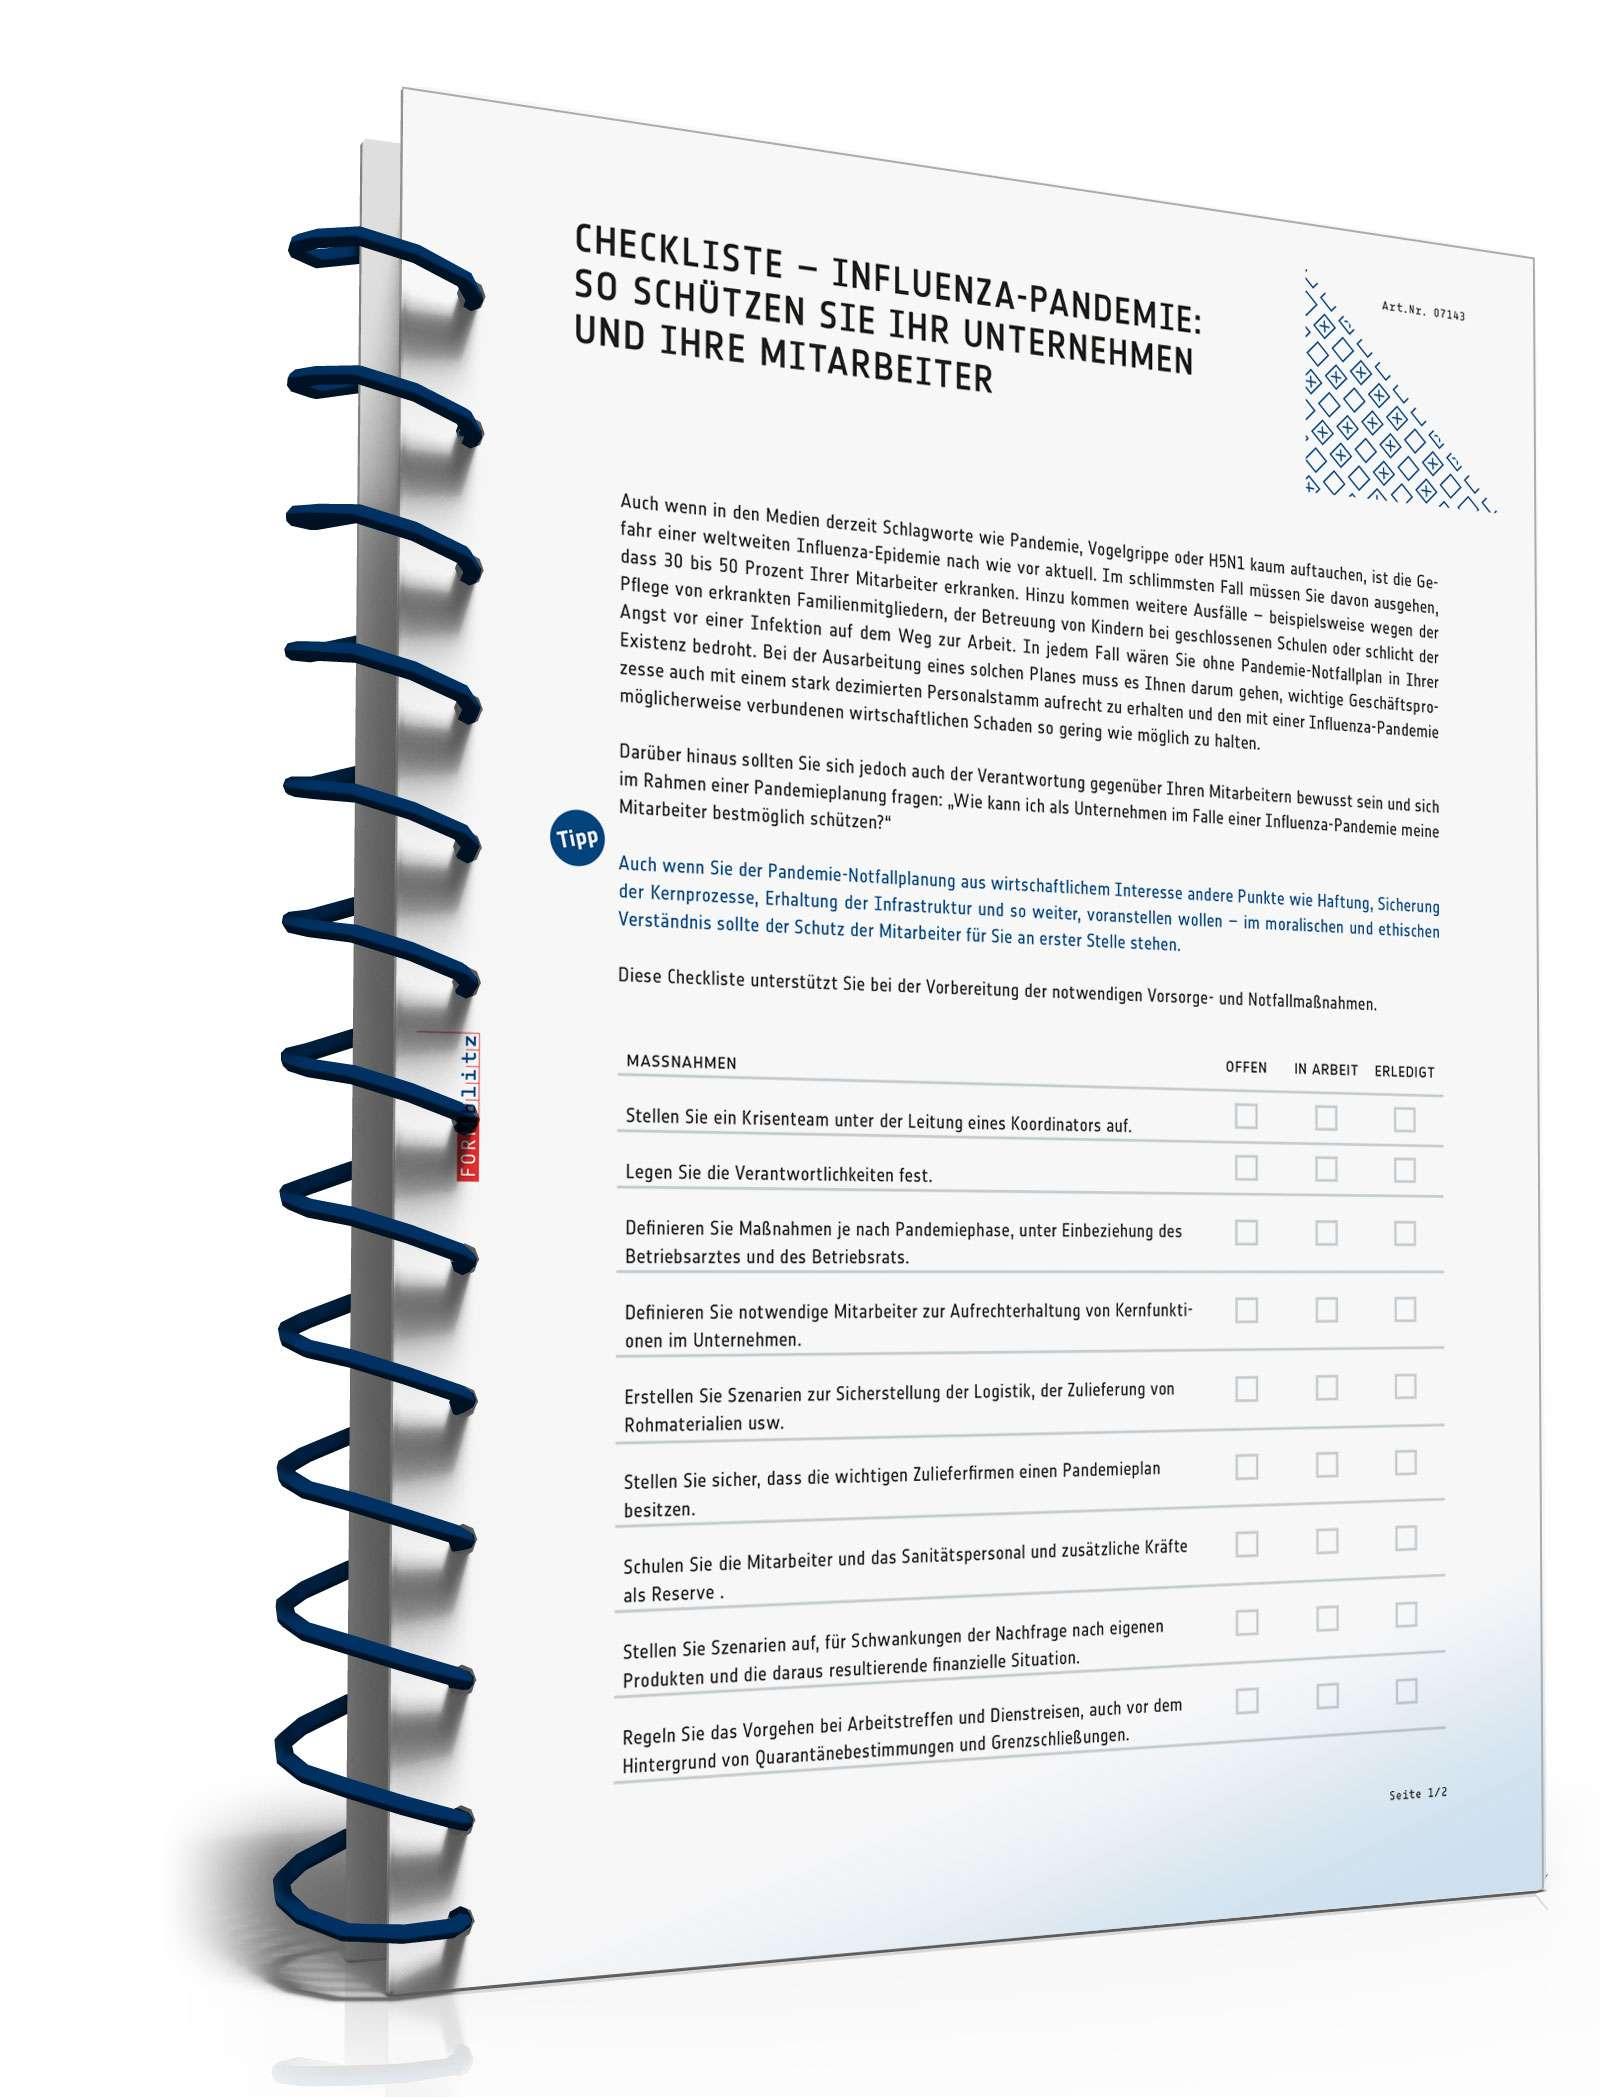 Anamnesebogen Medbericht 11